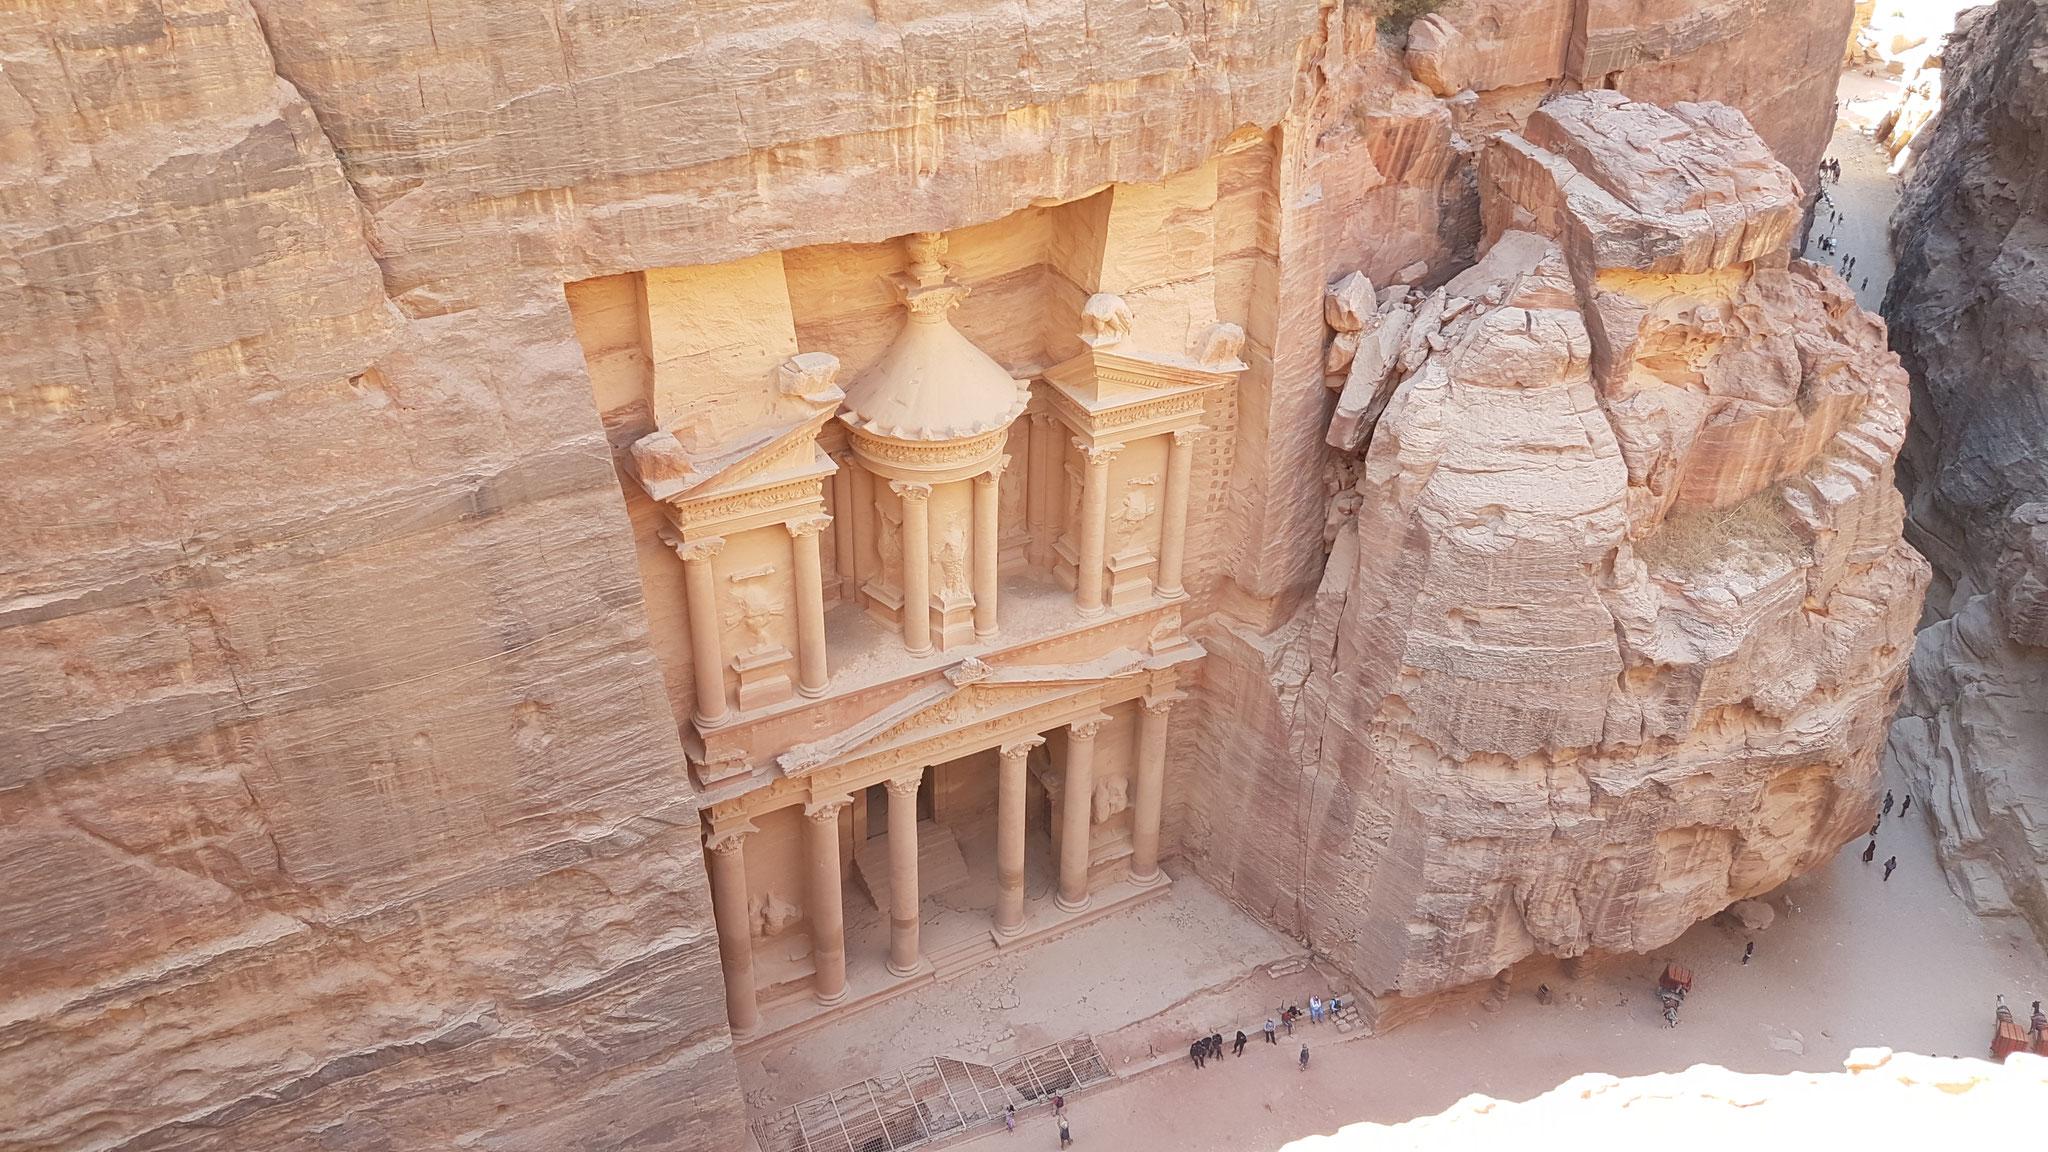 Das Schatzhaus / The Treasury / Khazne al firaun. Belohnender Blick nach erneuter Klettertour.